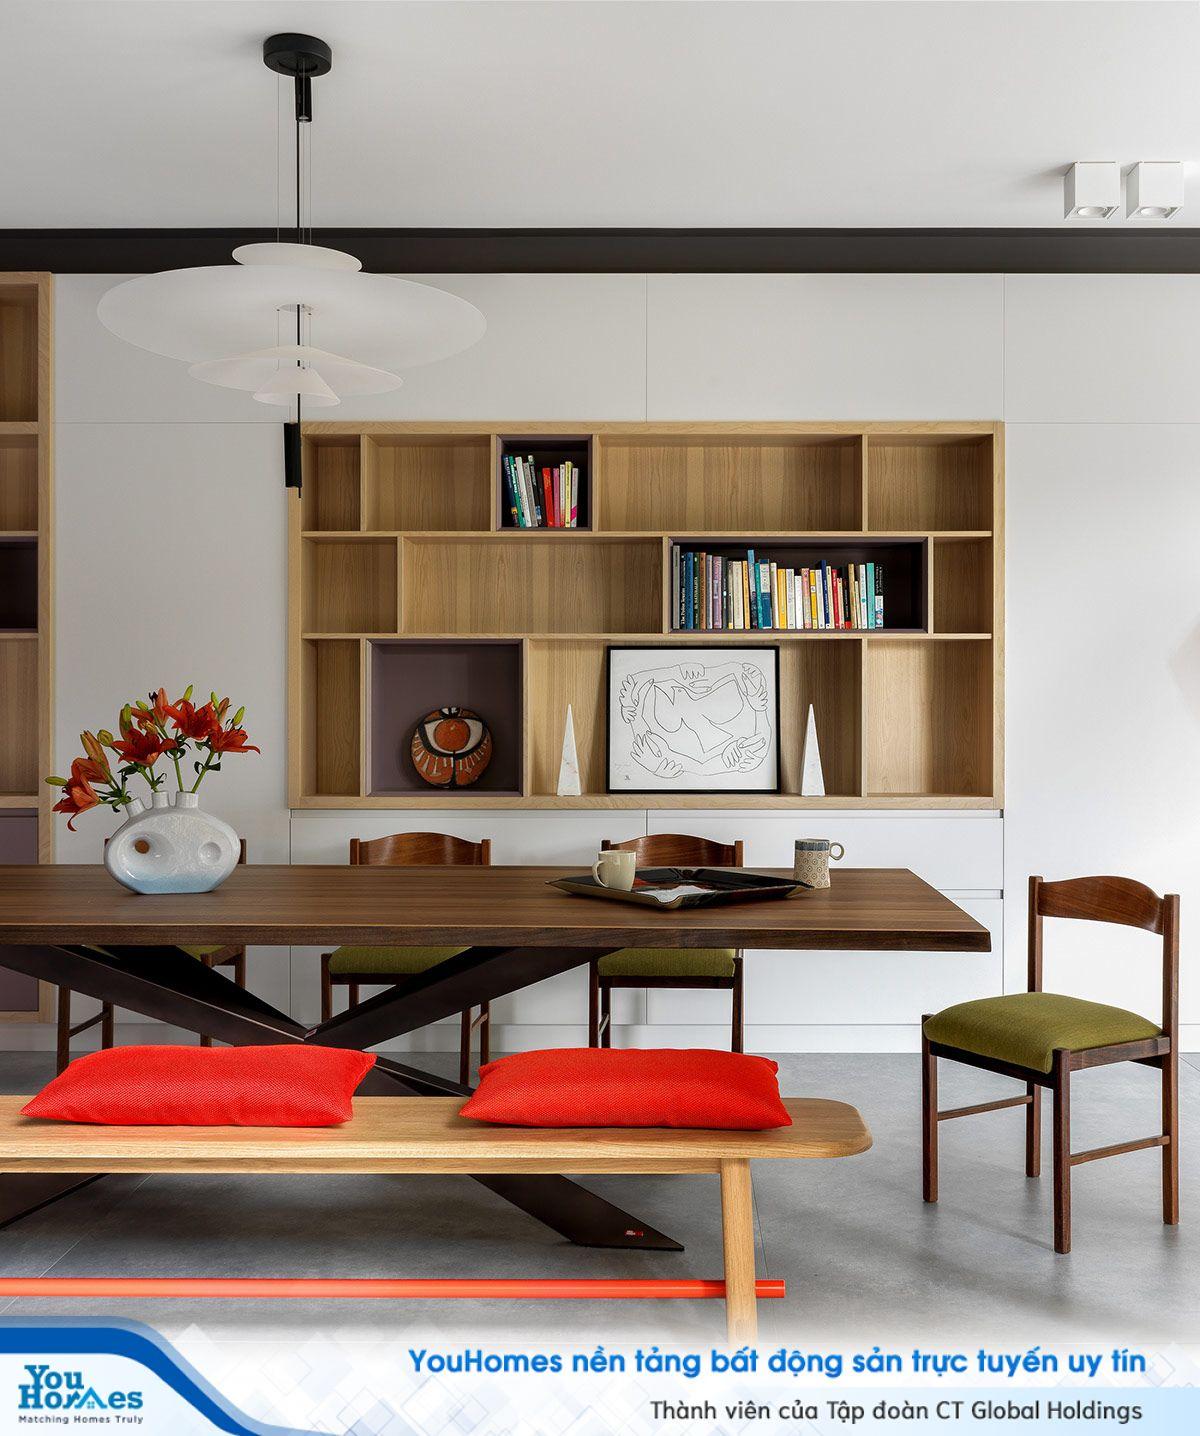 Ý tưởng độc đáo cho căn nhà hiện đại với những mảng màu sắc tinh tế